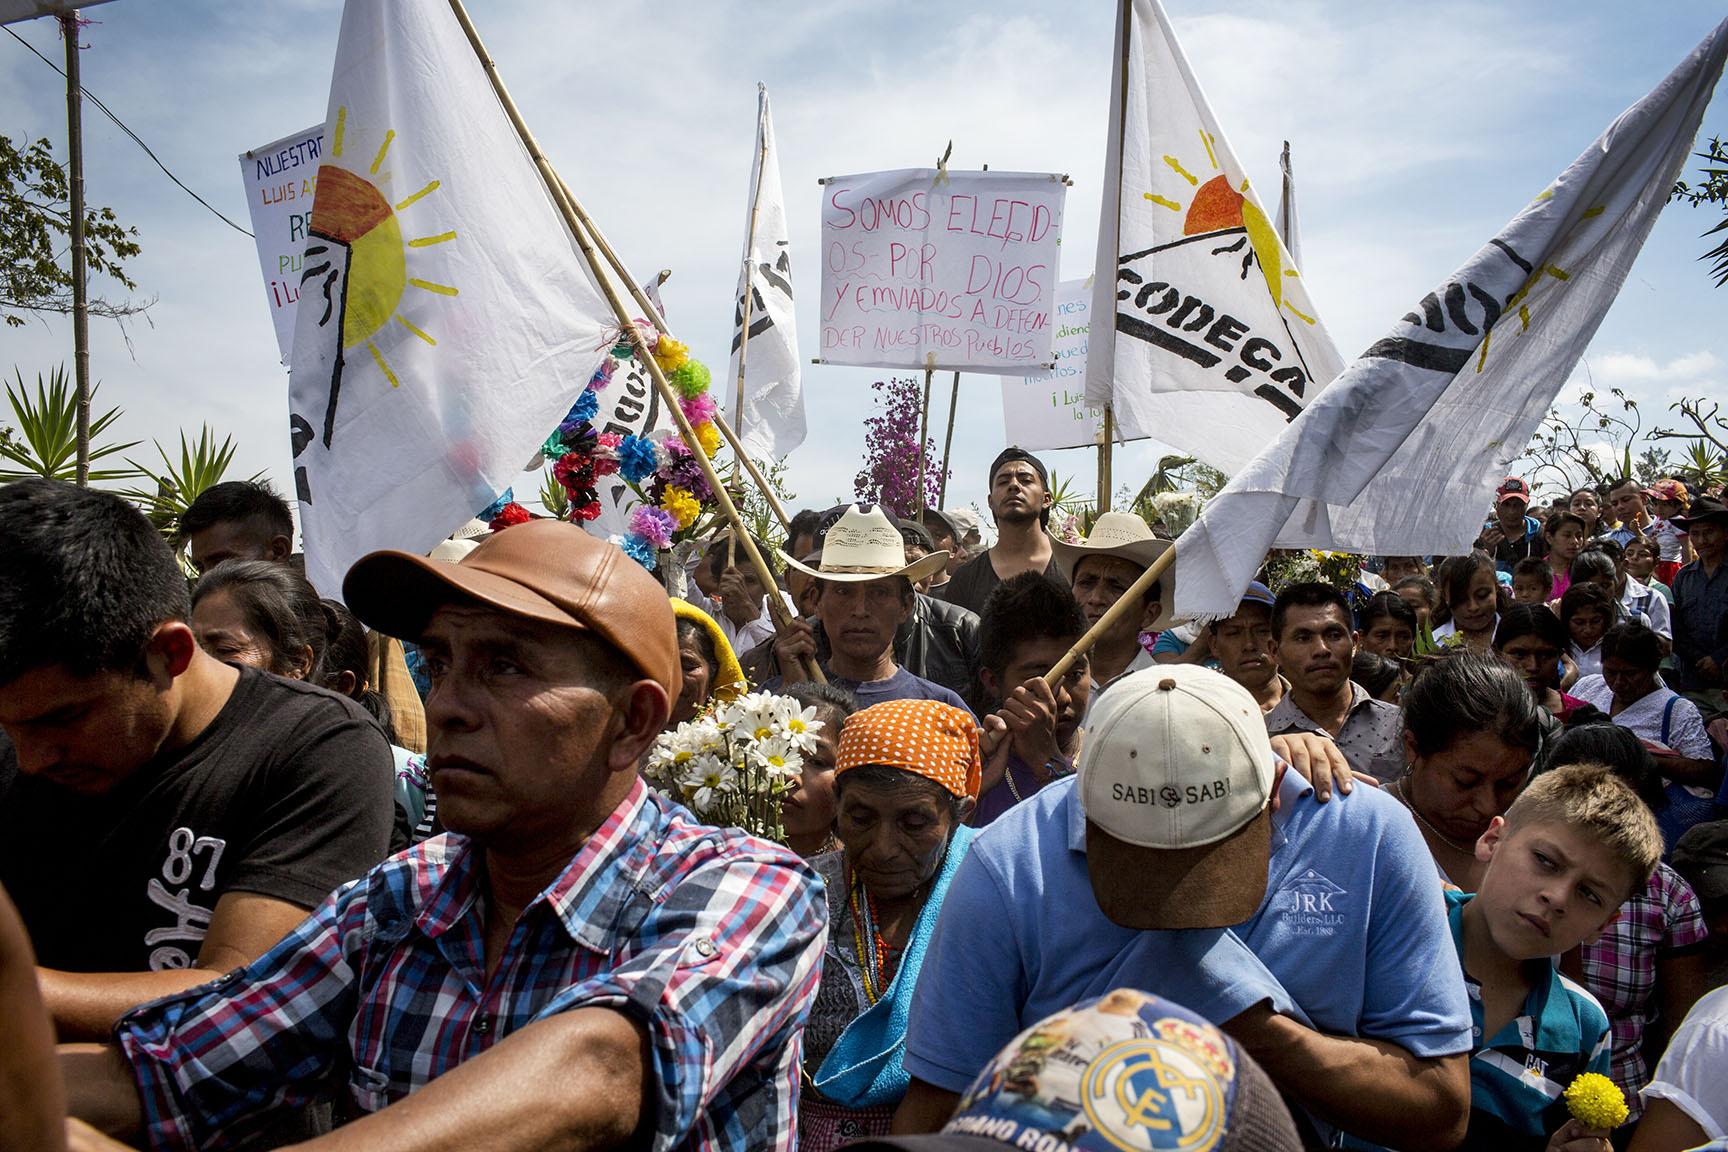 Varias banderas de Codeca alzadas durante el recorrido fúnebre hacia el cementerio de la comunidad.